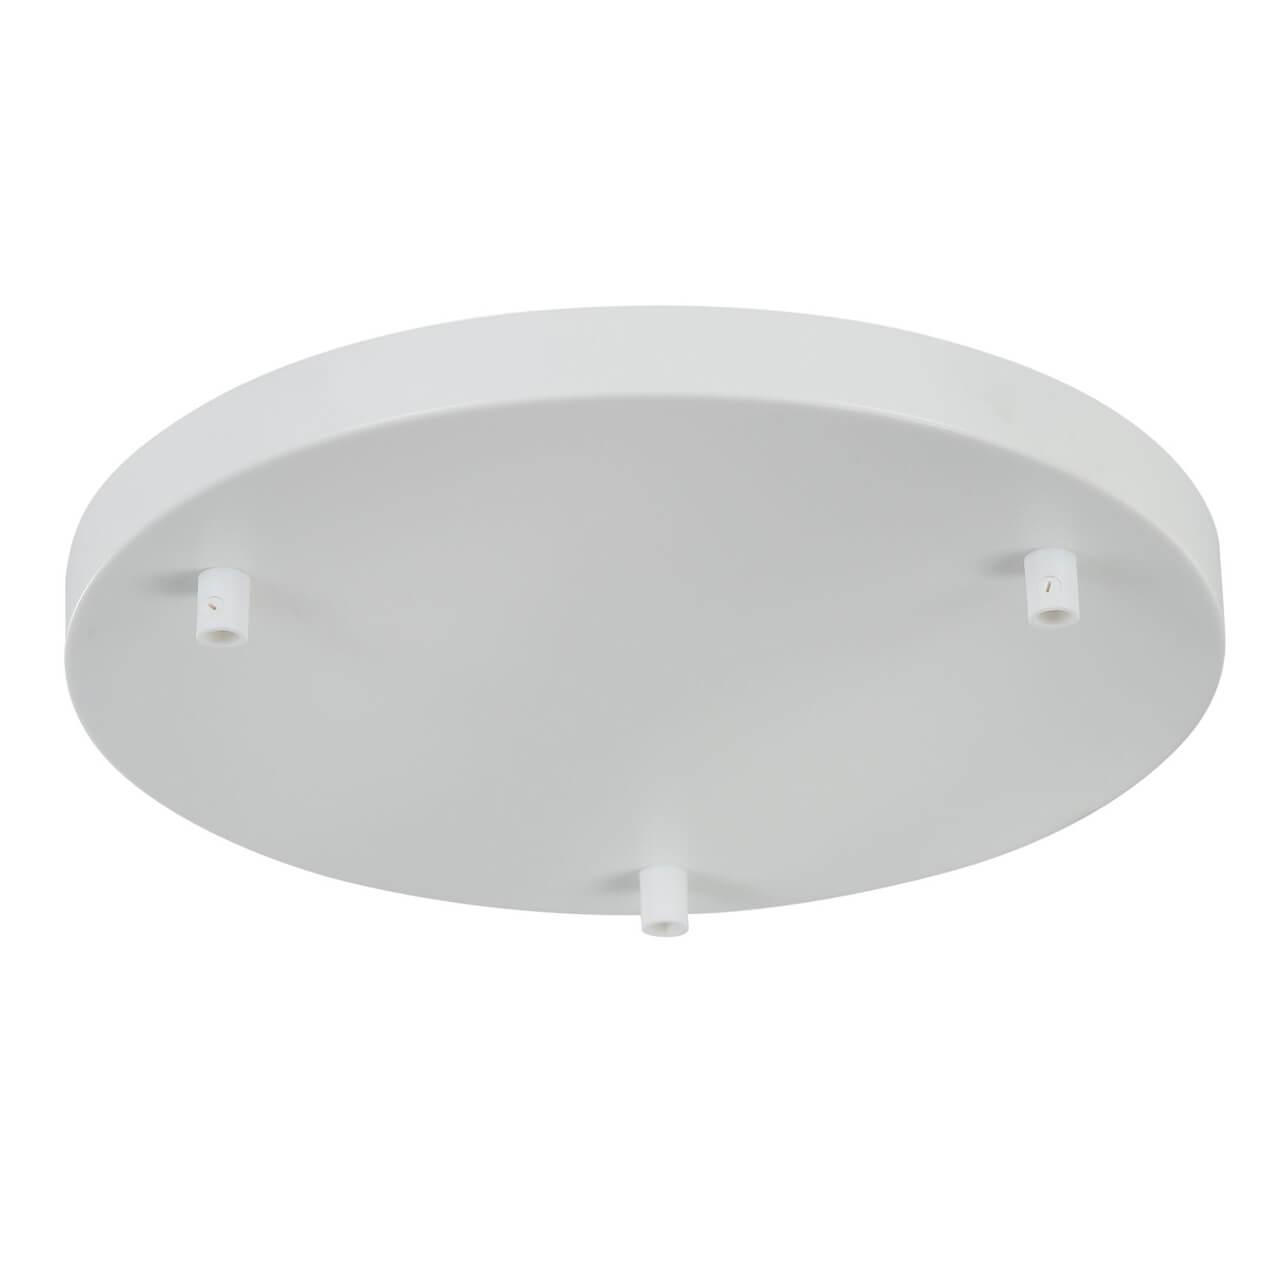 Основание для подвесной люстры Maytoni Universal Base SPR-BASE-R-03-W недорого